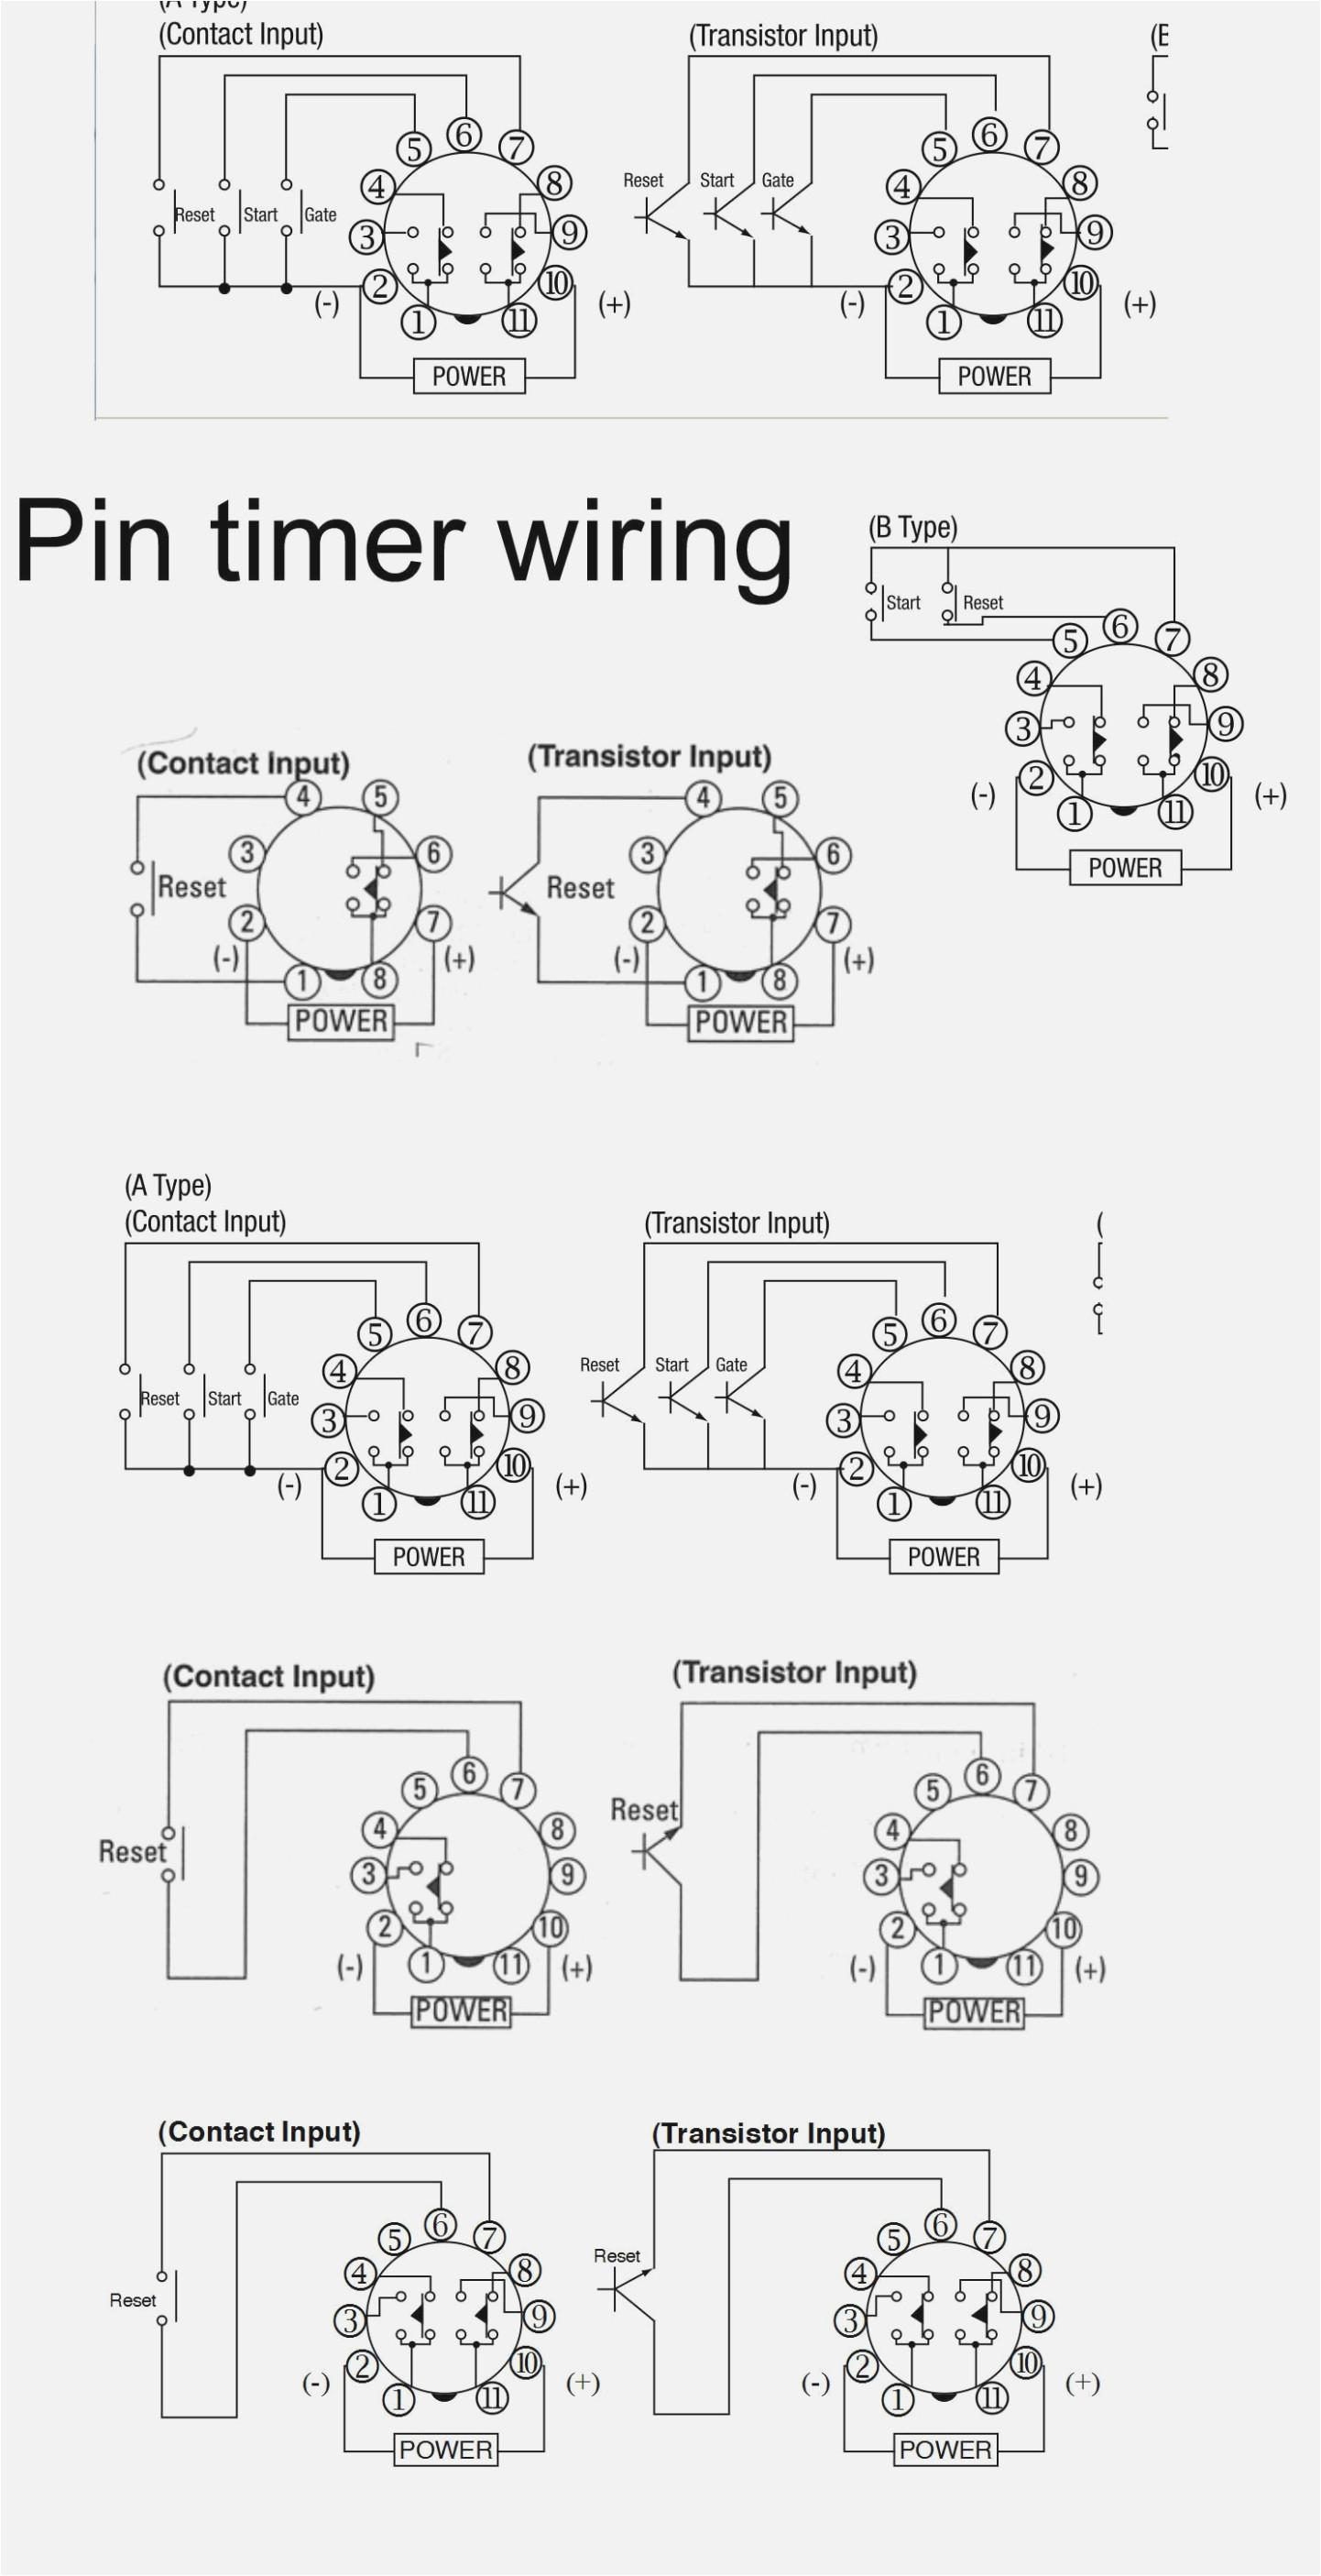 relay dayton diagram wiring 1ehl5 wiring diagram used dayton relay wiring diagram 15 13 manualuniverse co